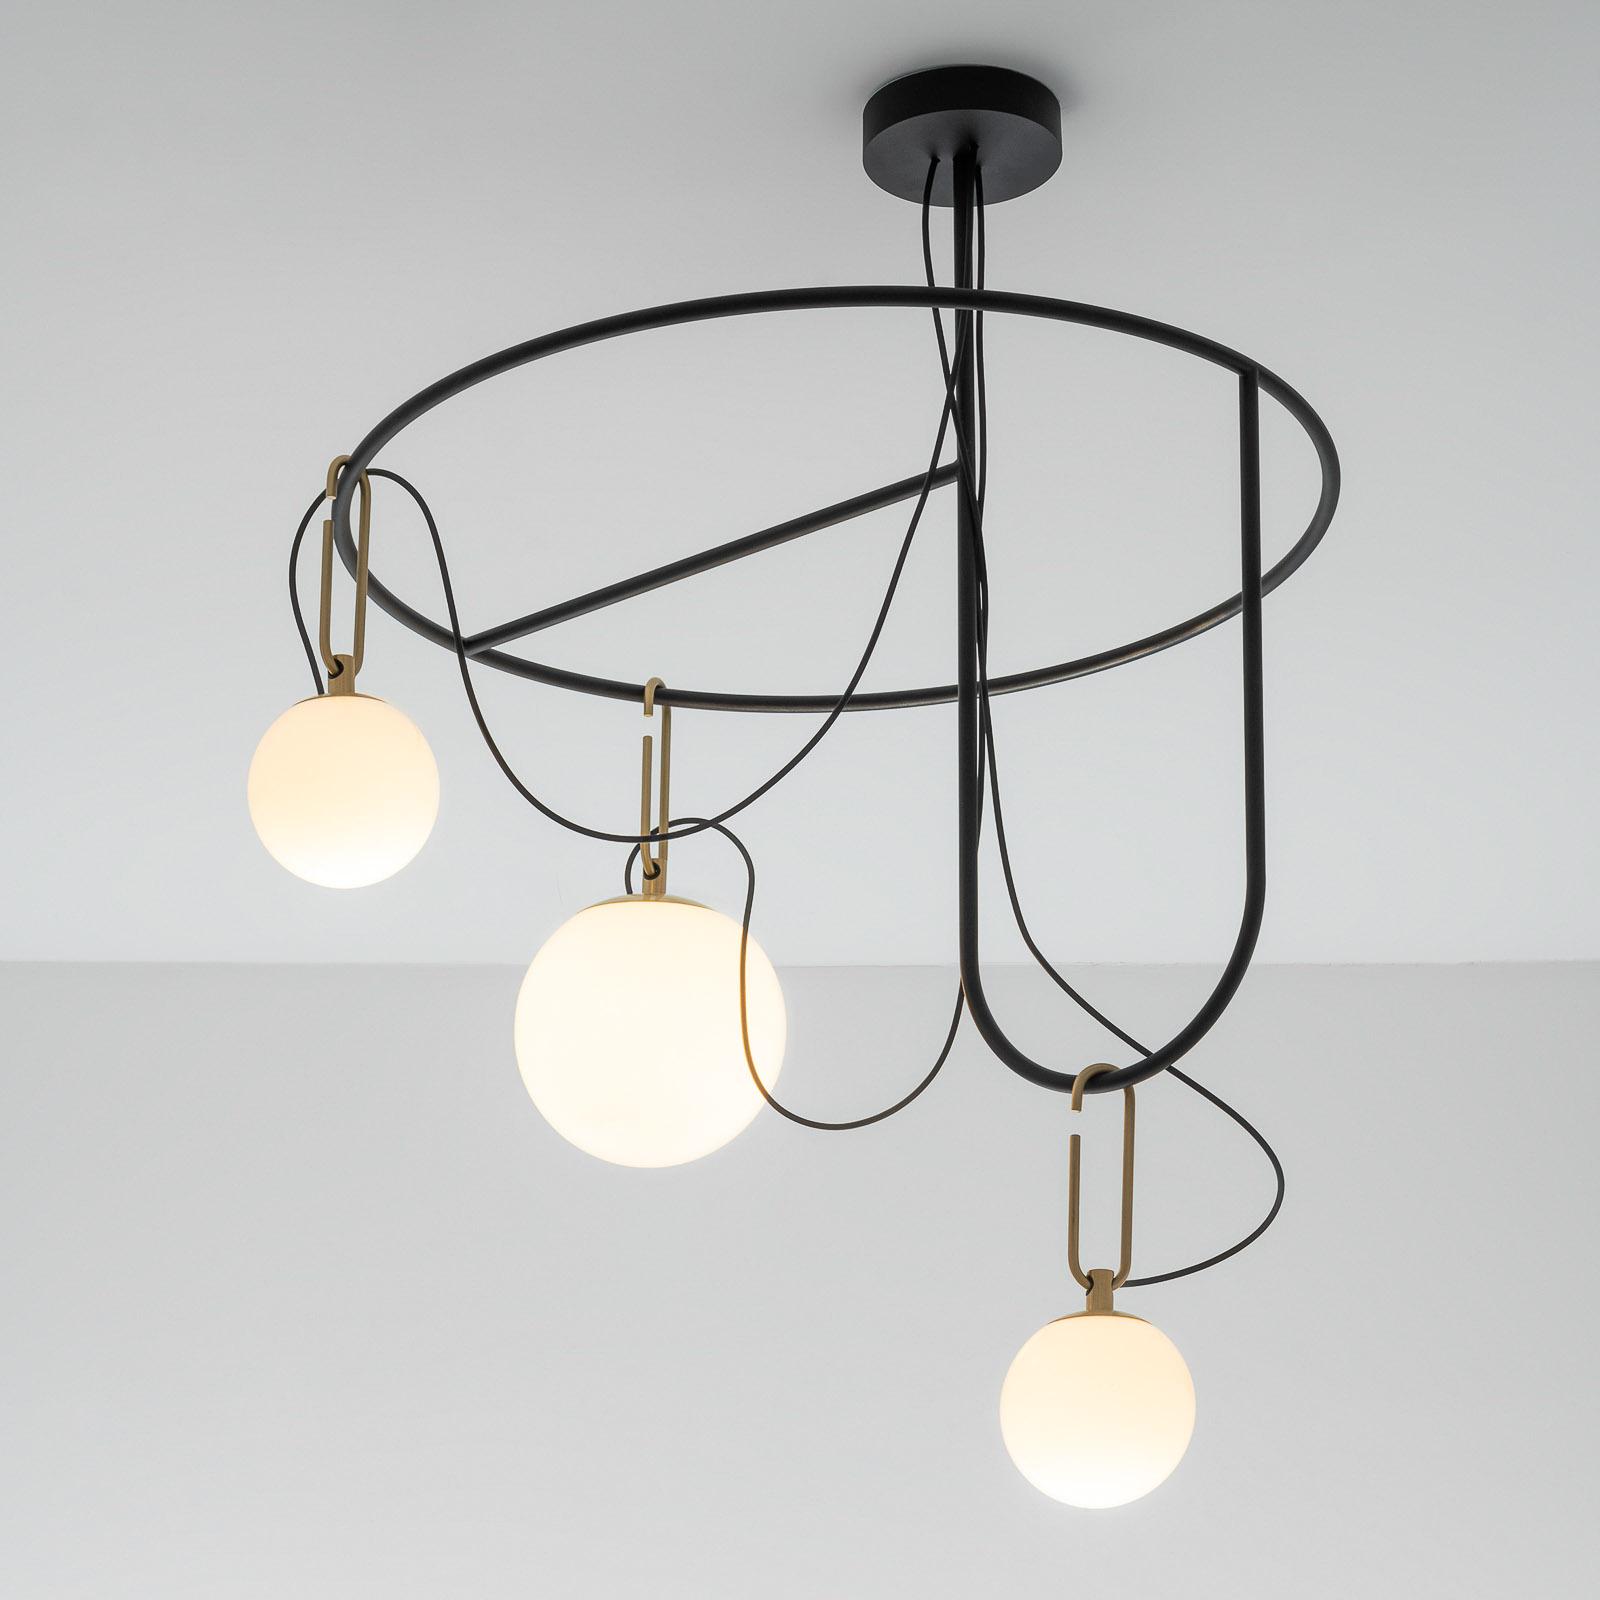 Artemide nh S4 szklana lampa wisząca, 3-punktowa